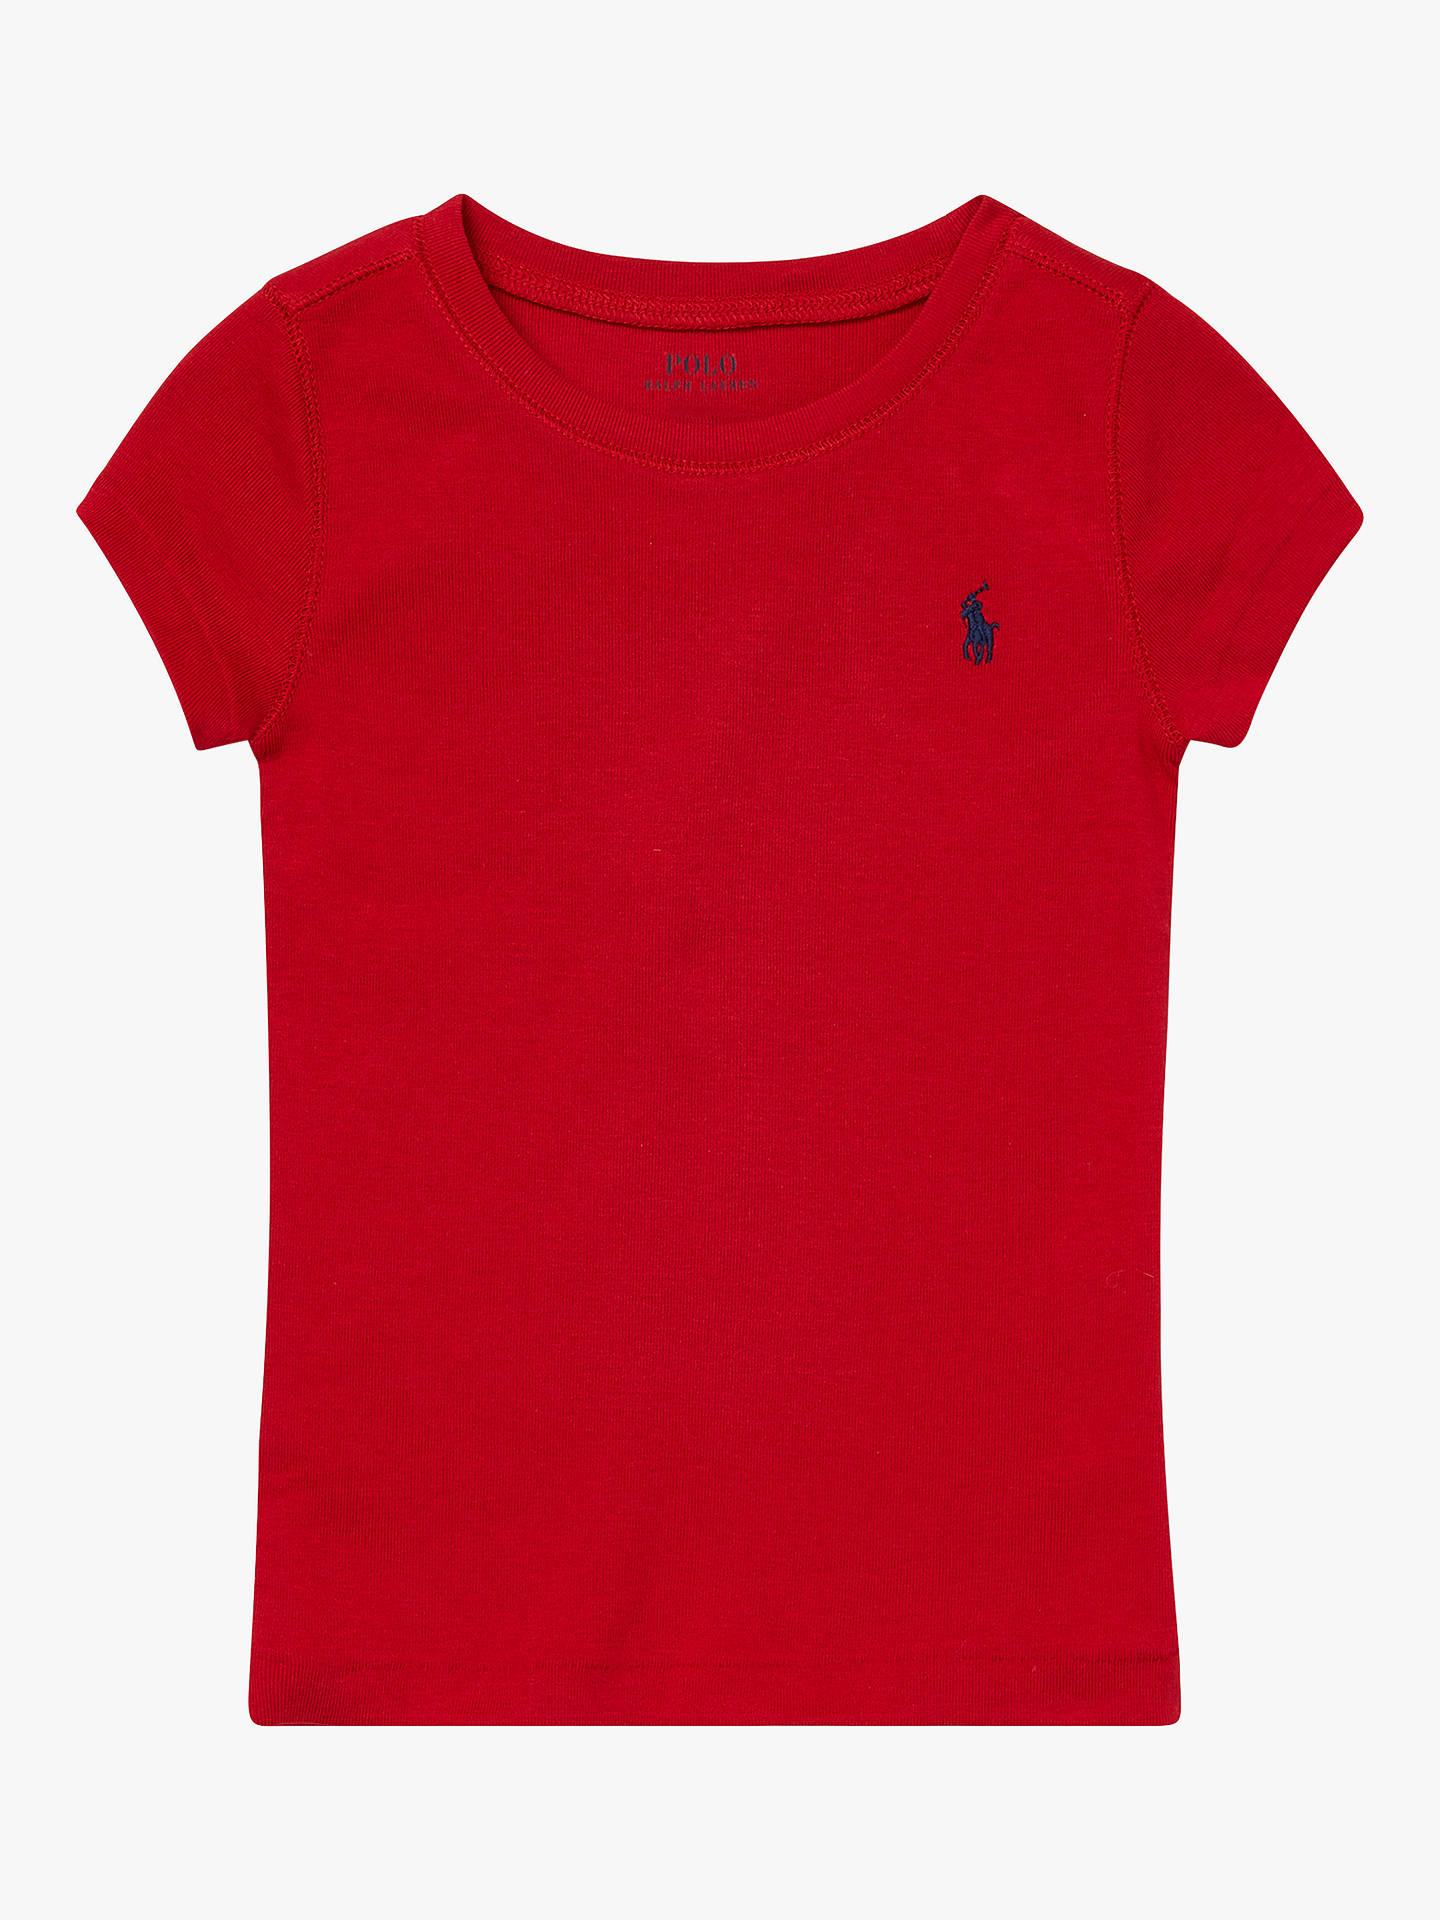 6 RALPH LAUREN Polo Girls Oxford Short Sleeve Shirt